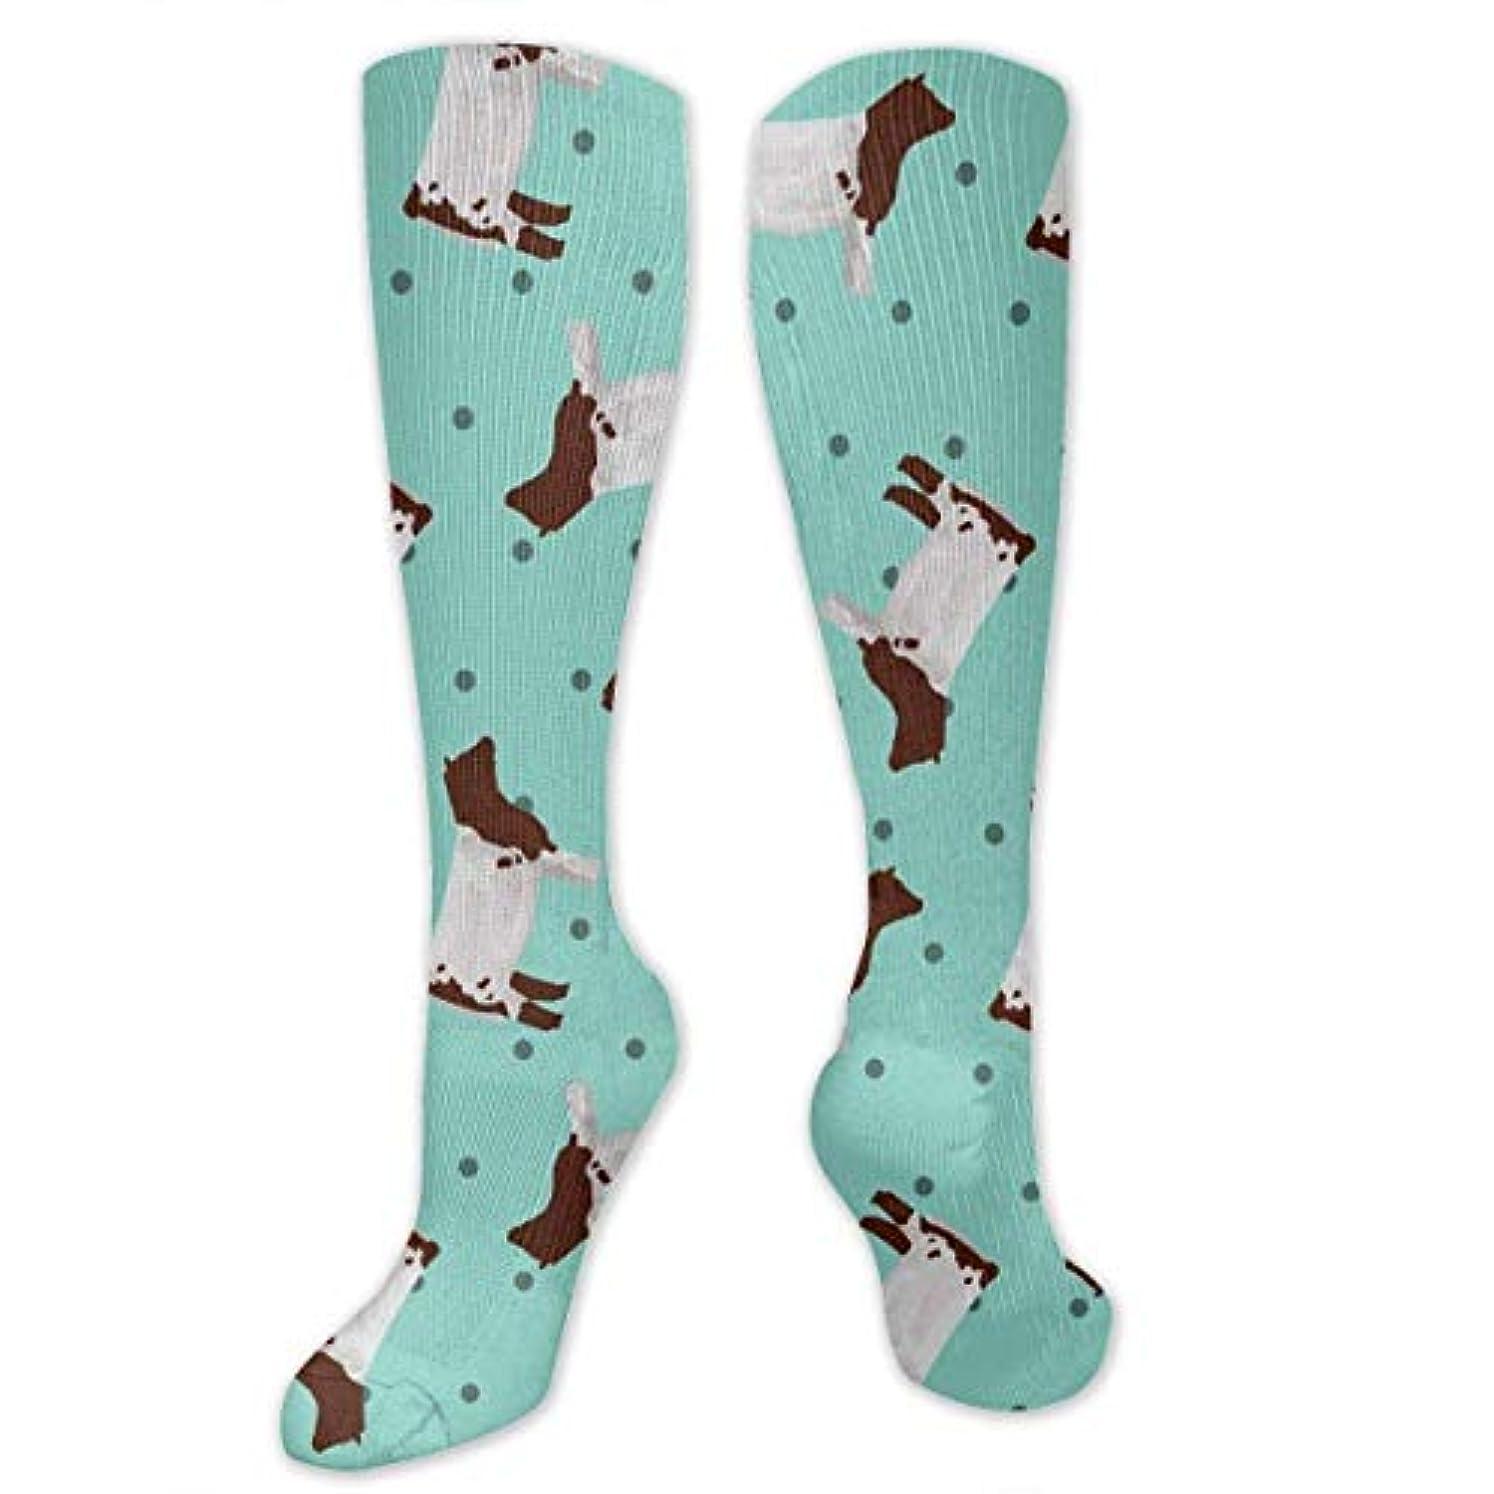 スタジオウェブリビングルーム靴下,ストッキング,野生のジョーカー,実際,秋の本質,冬必須,サマーウェア&RBXAA Polka Dot Shorthorn Steer Socks Women's Winter Cotton Long Tube Socks...